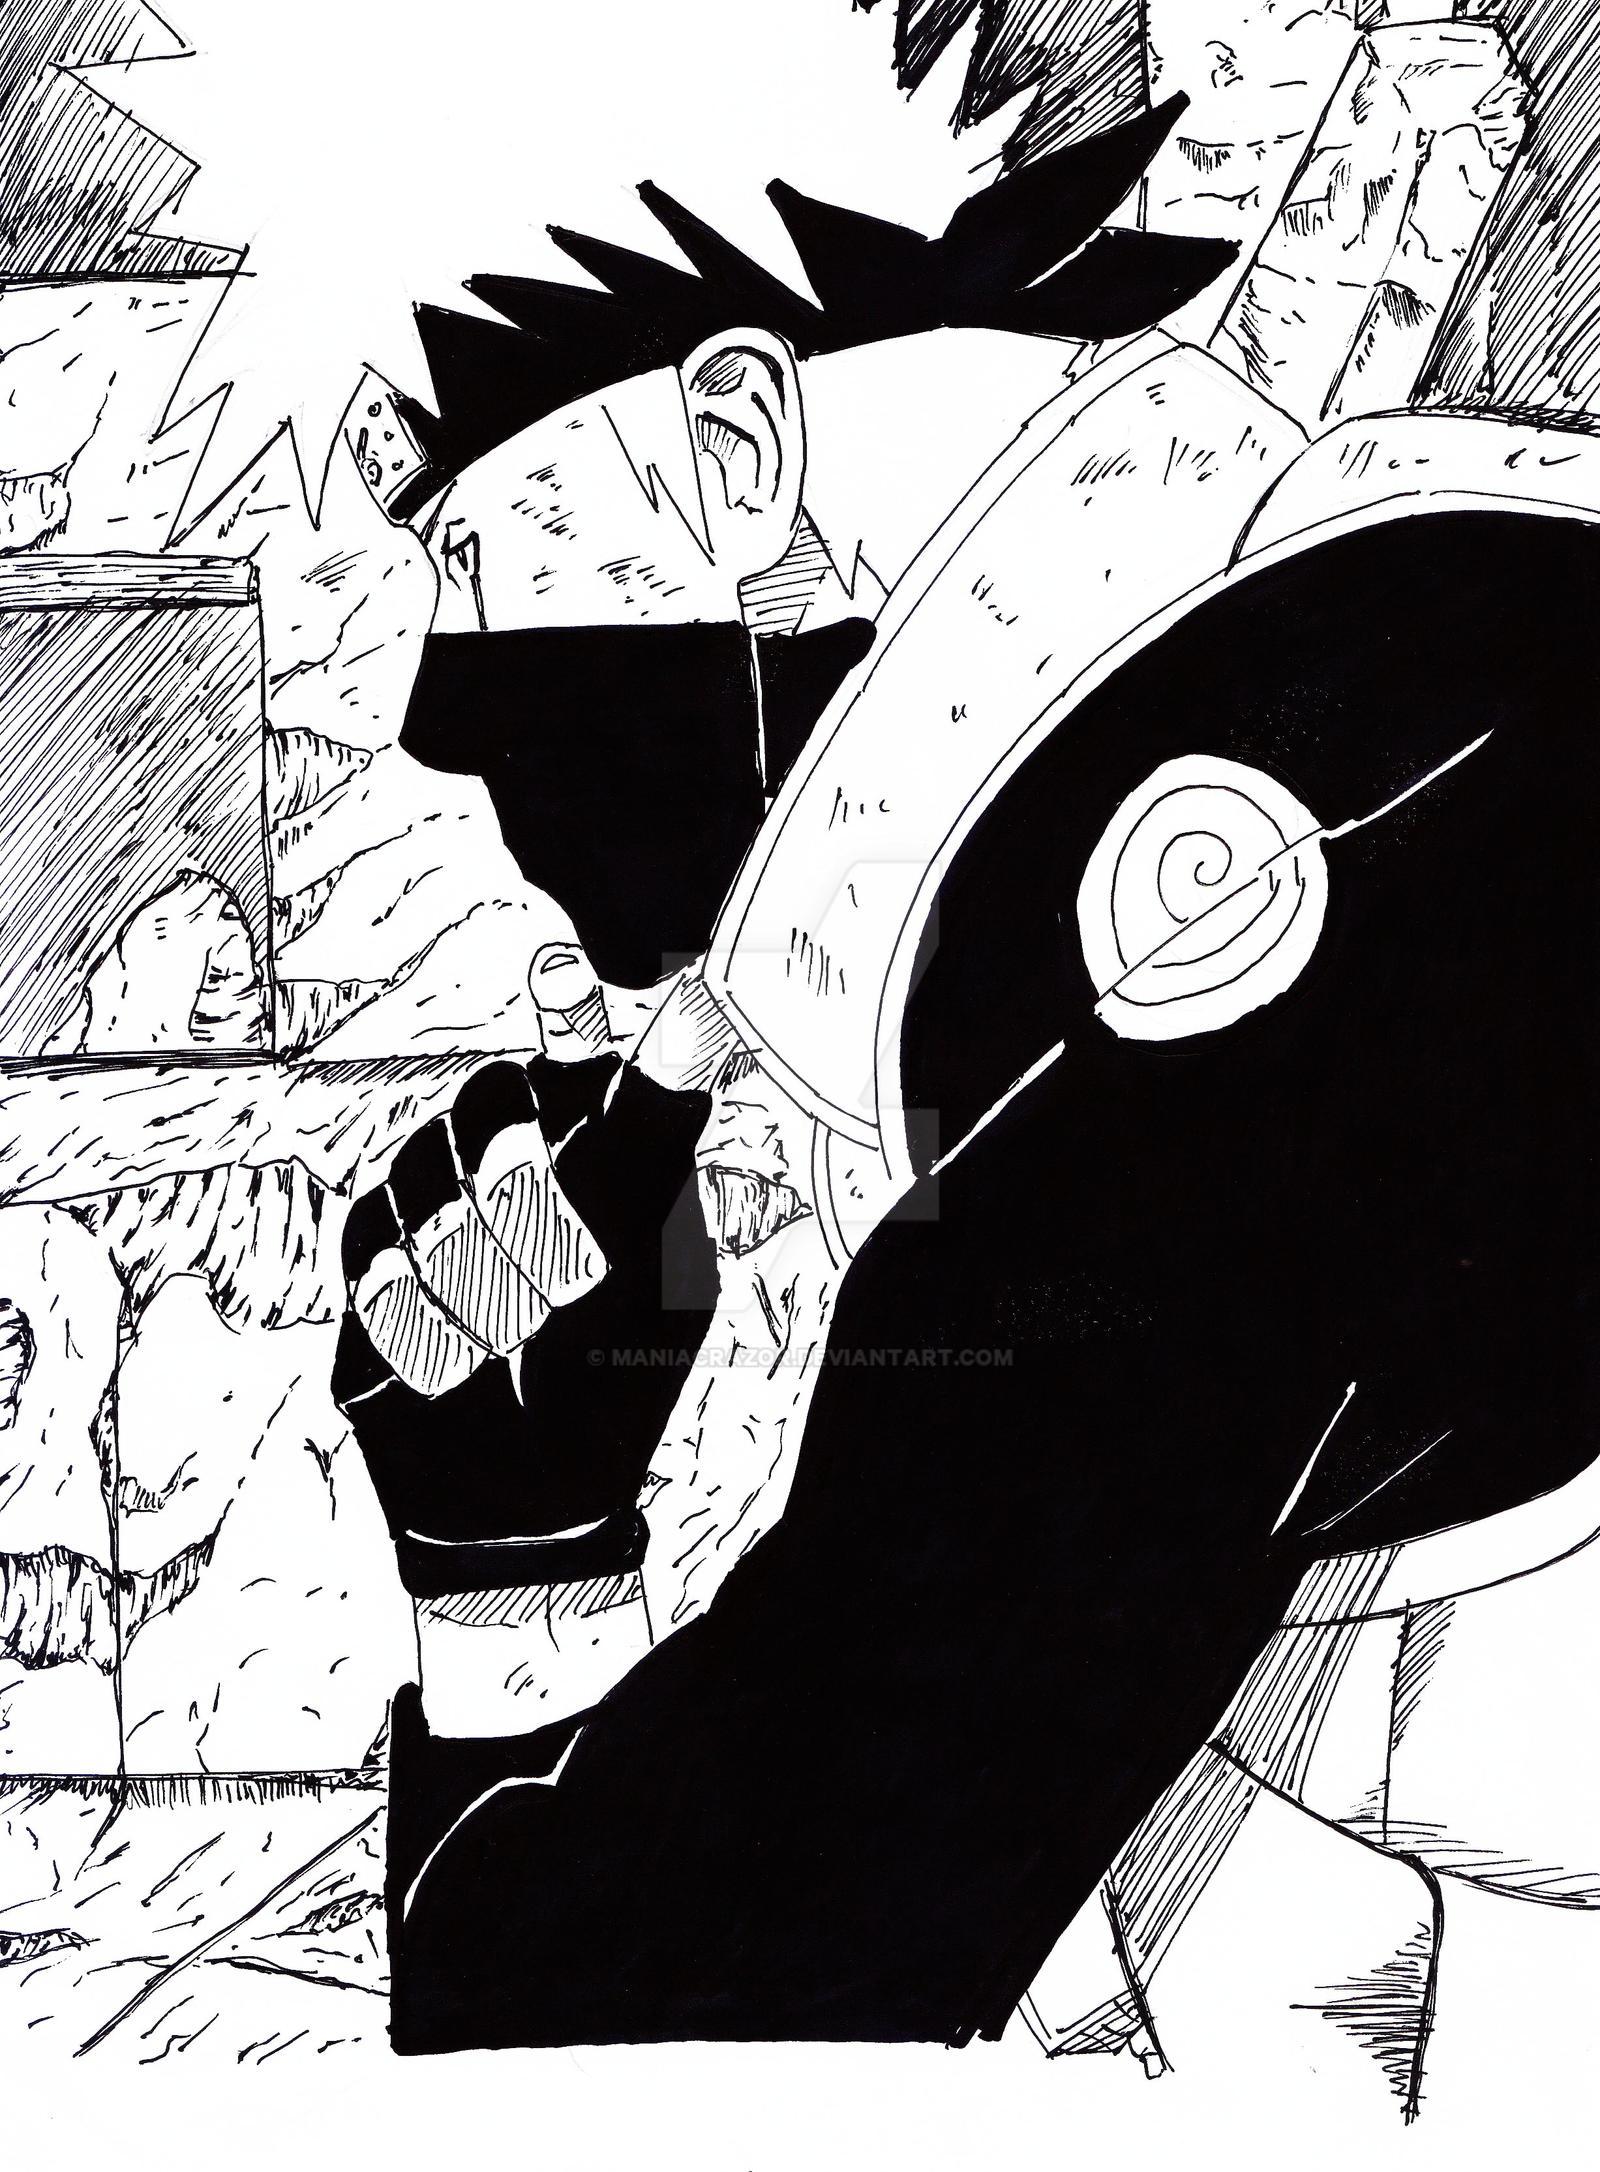 Kakashi hatake by maniacrazor on deviantart - Manga kakashi ...